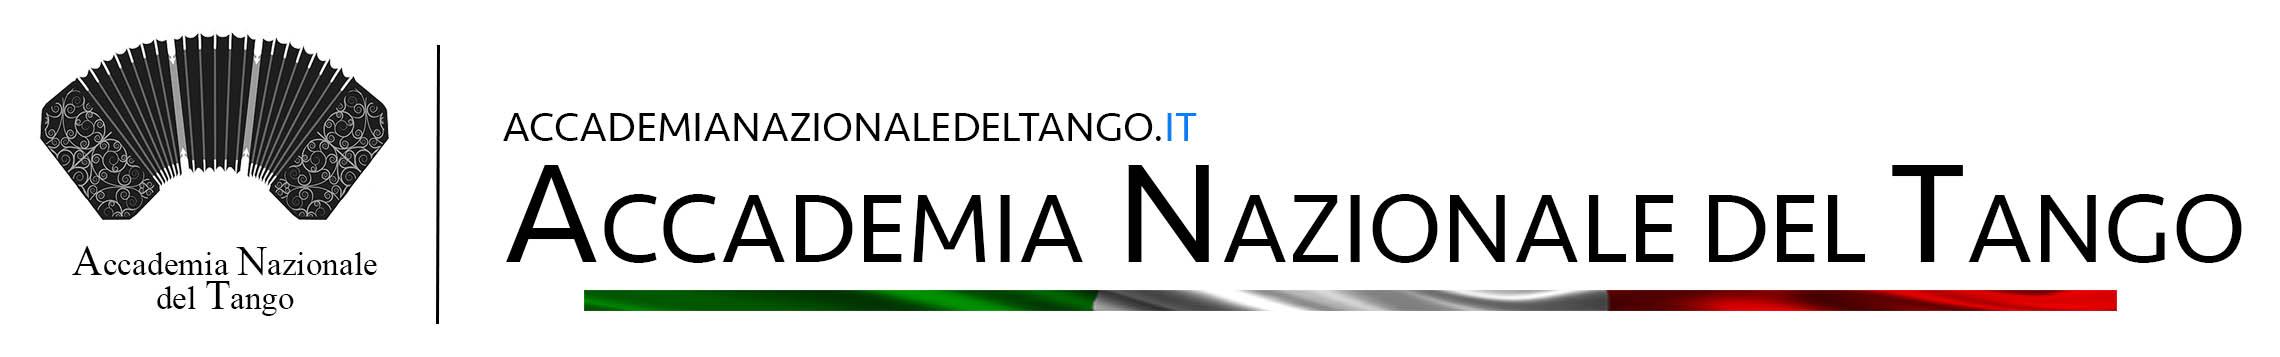 Accademia nazionale del Tango Argentino in Italia